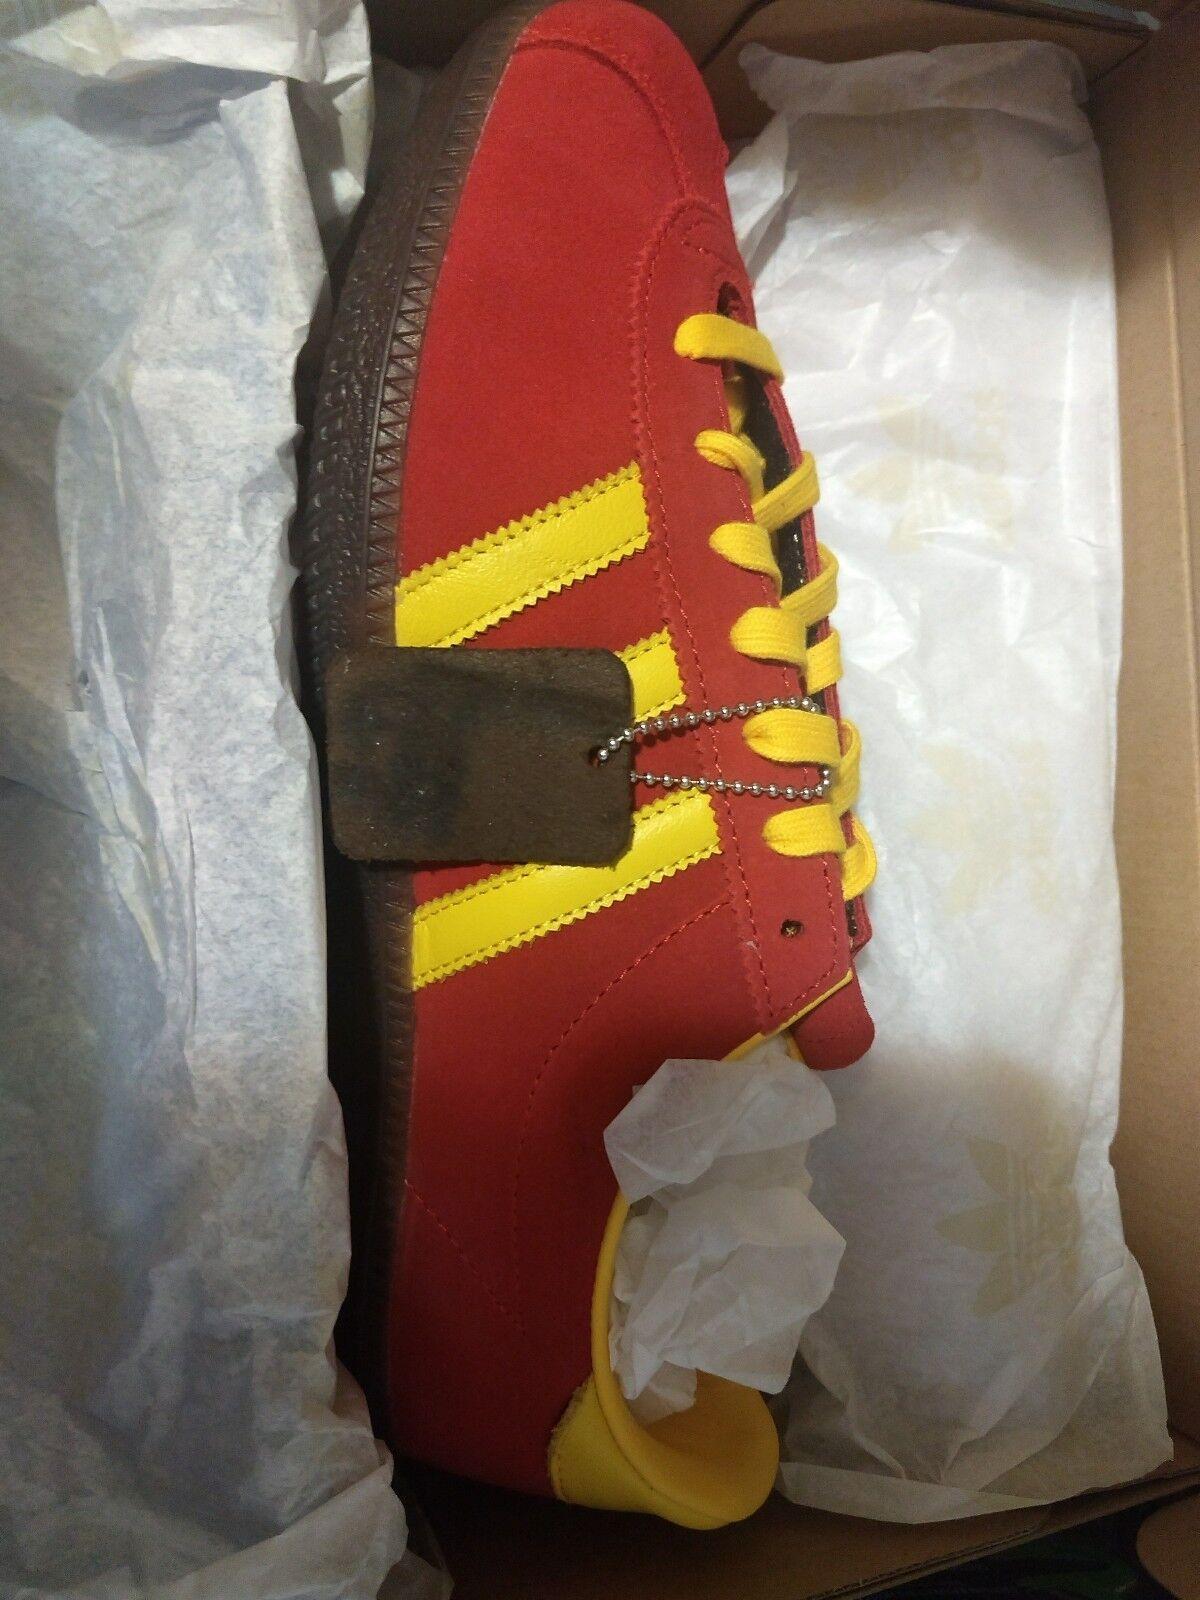 Retro Adidas Spritus Spezial CG2923 Mens Trainers Originals Sz 8.5 Red Yellow